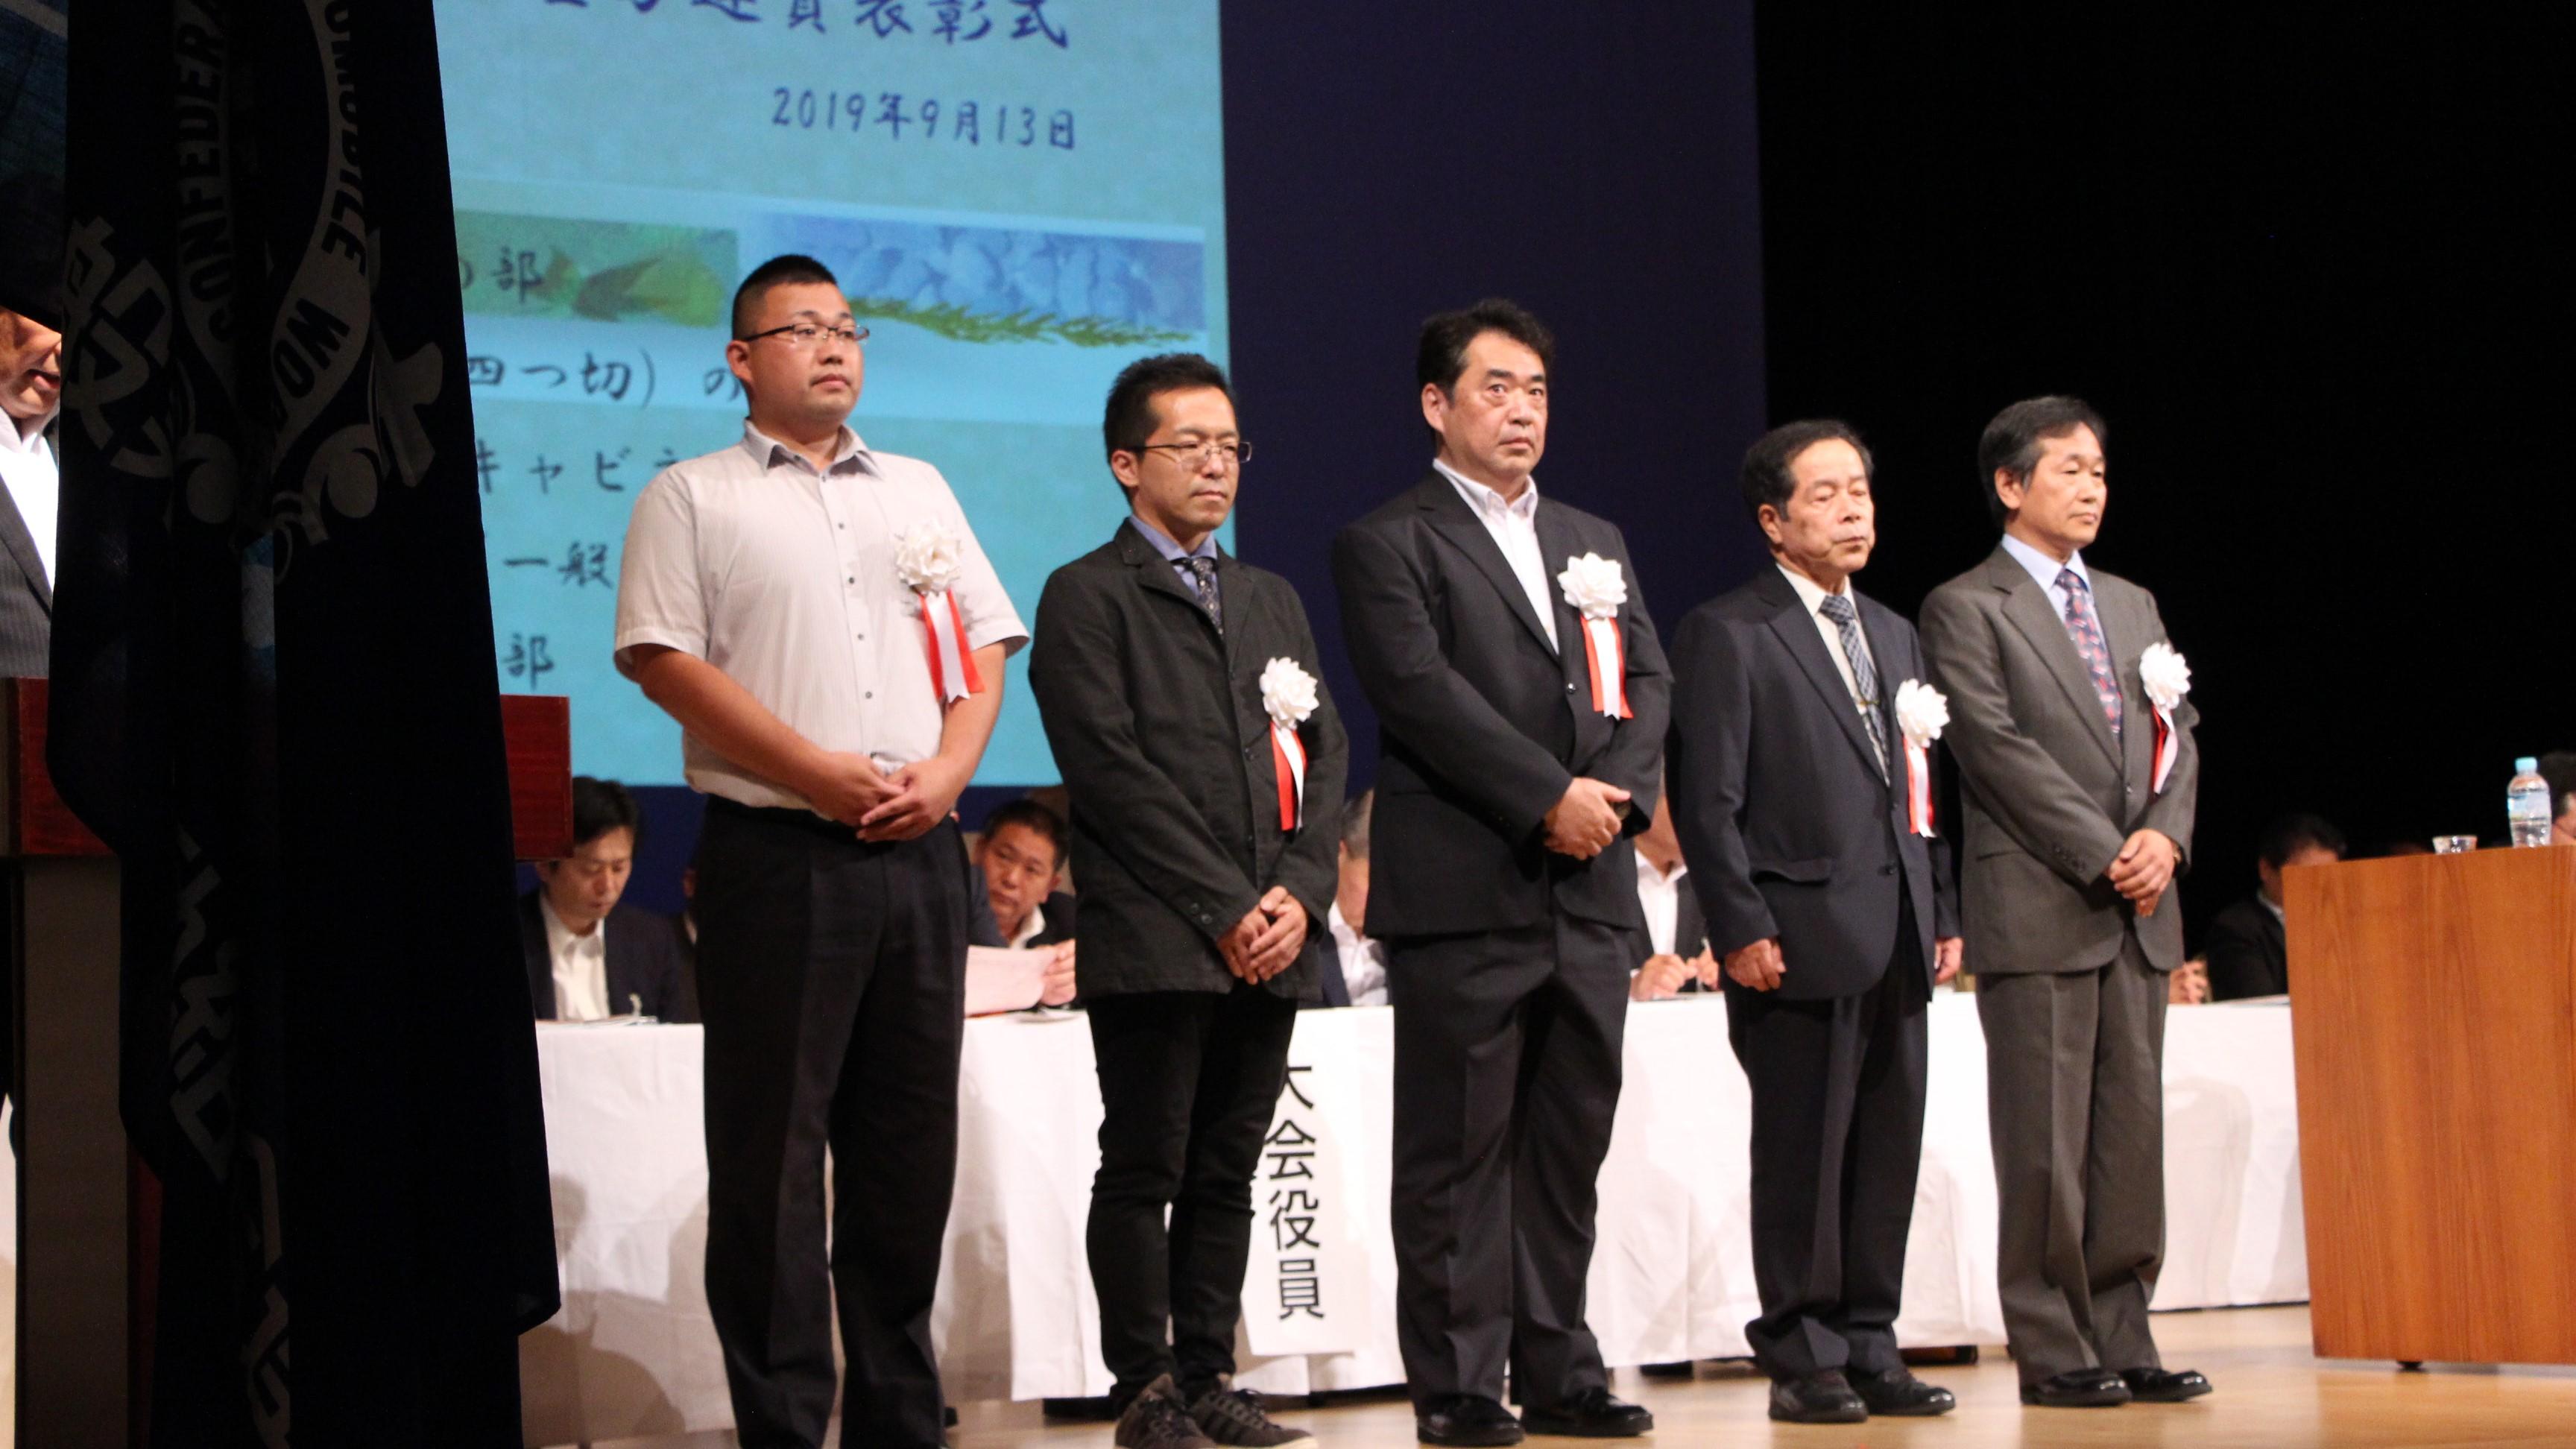 第19回日産労連文化展表彰